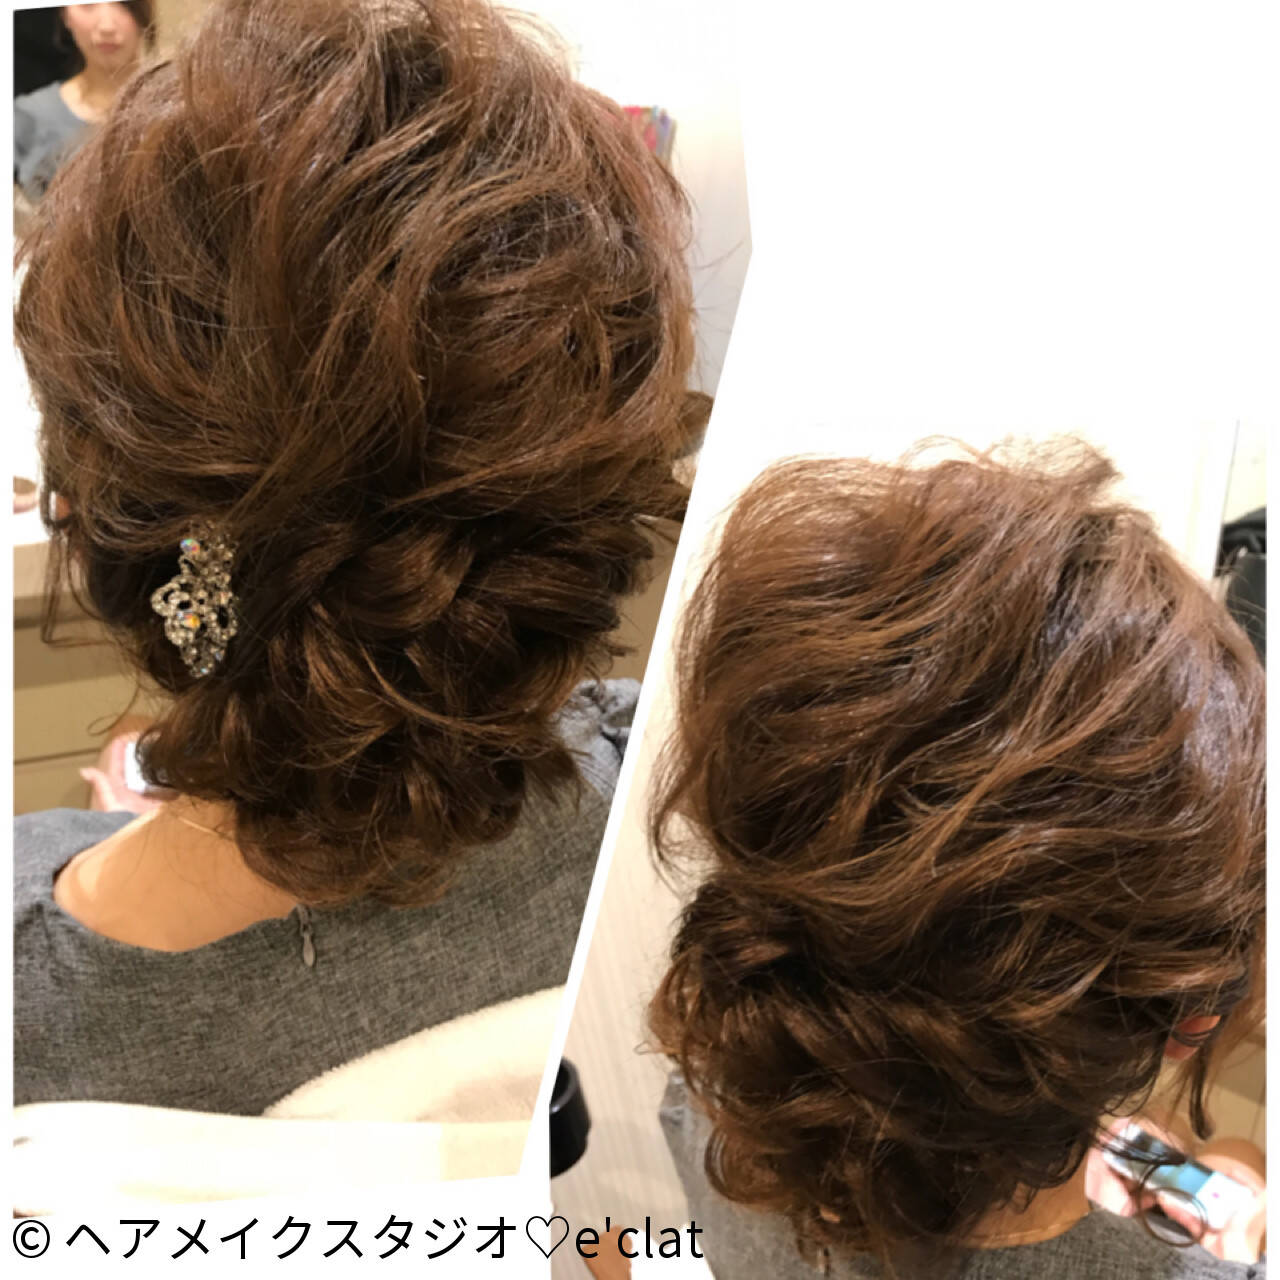 ガーリー ヘアアレンジ ルーズ 大人女子ヘアスタイルや髪型の写真・画像